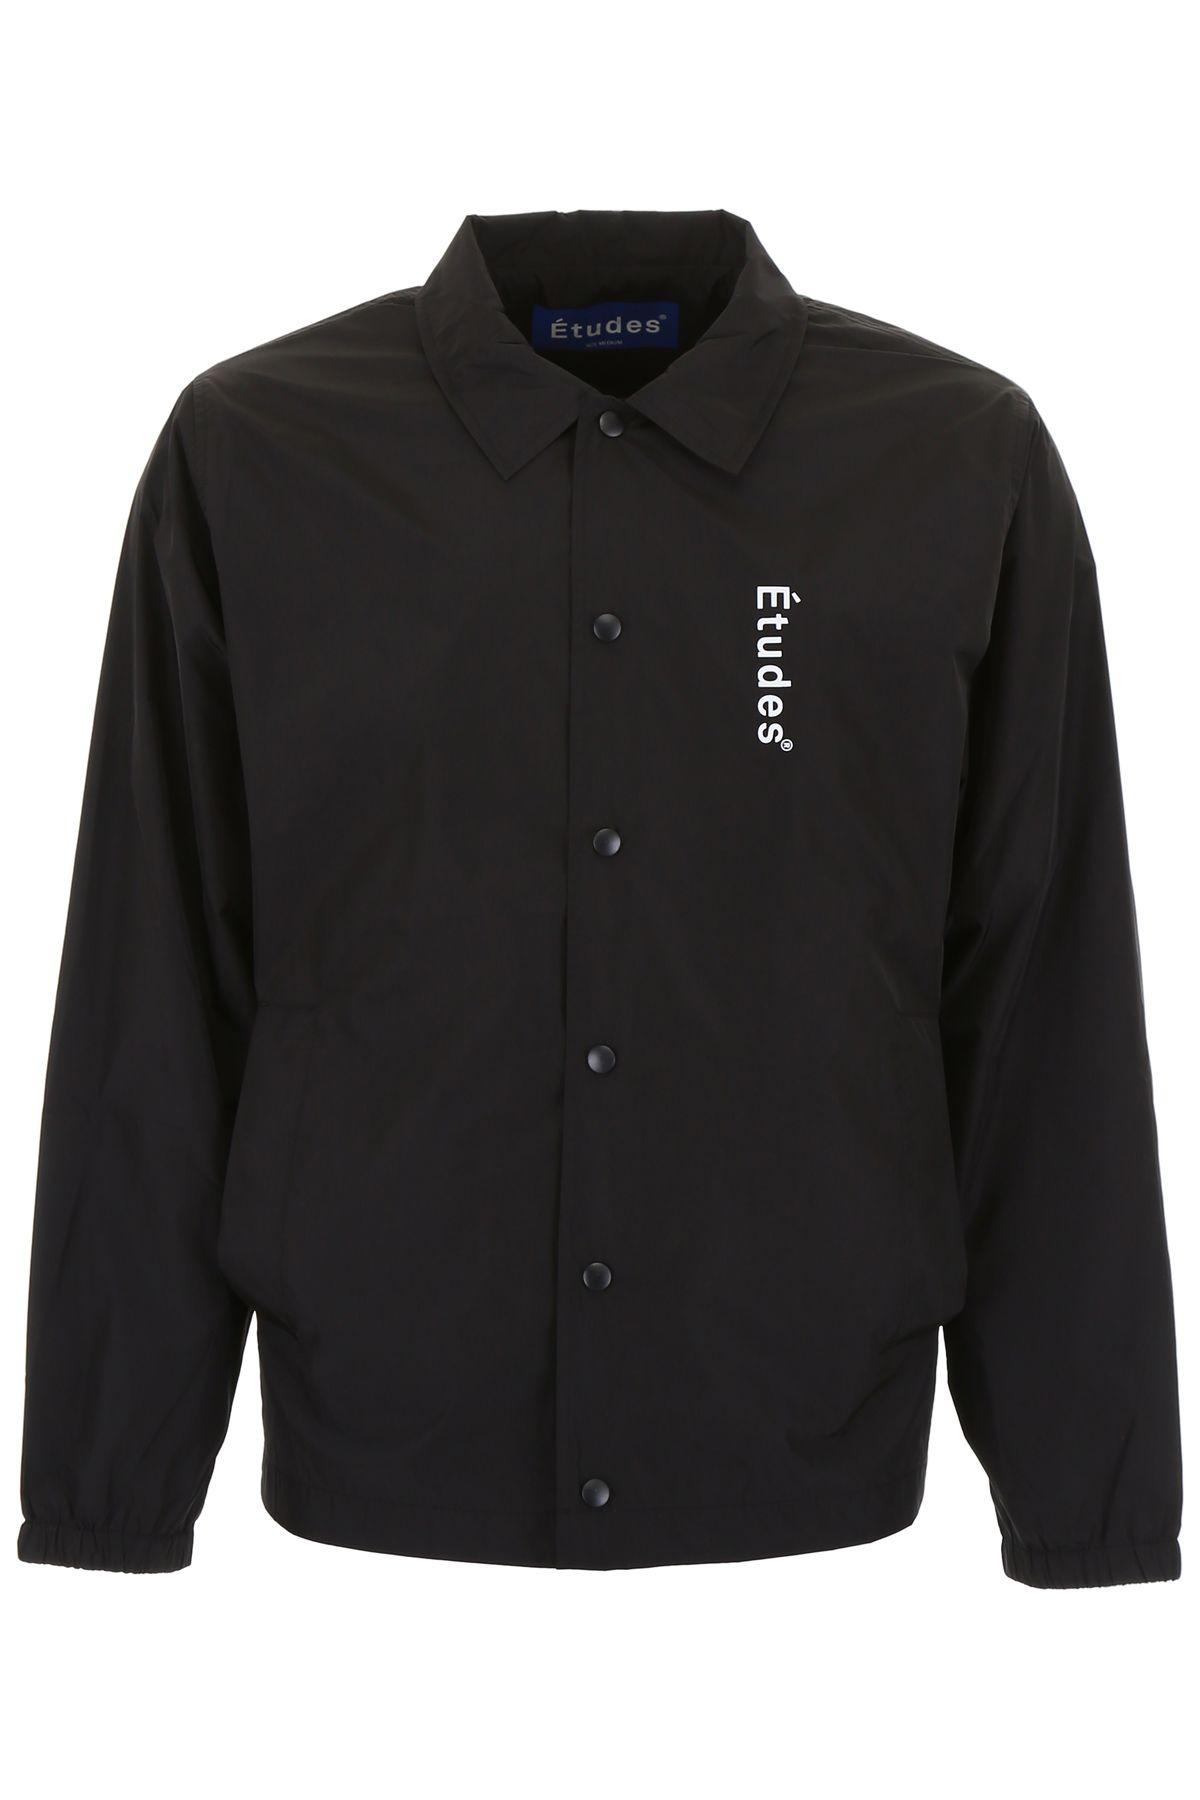 Études Nylon Logo Jacket